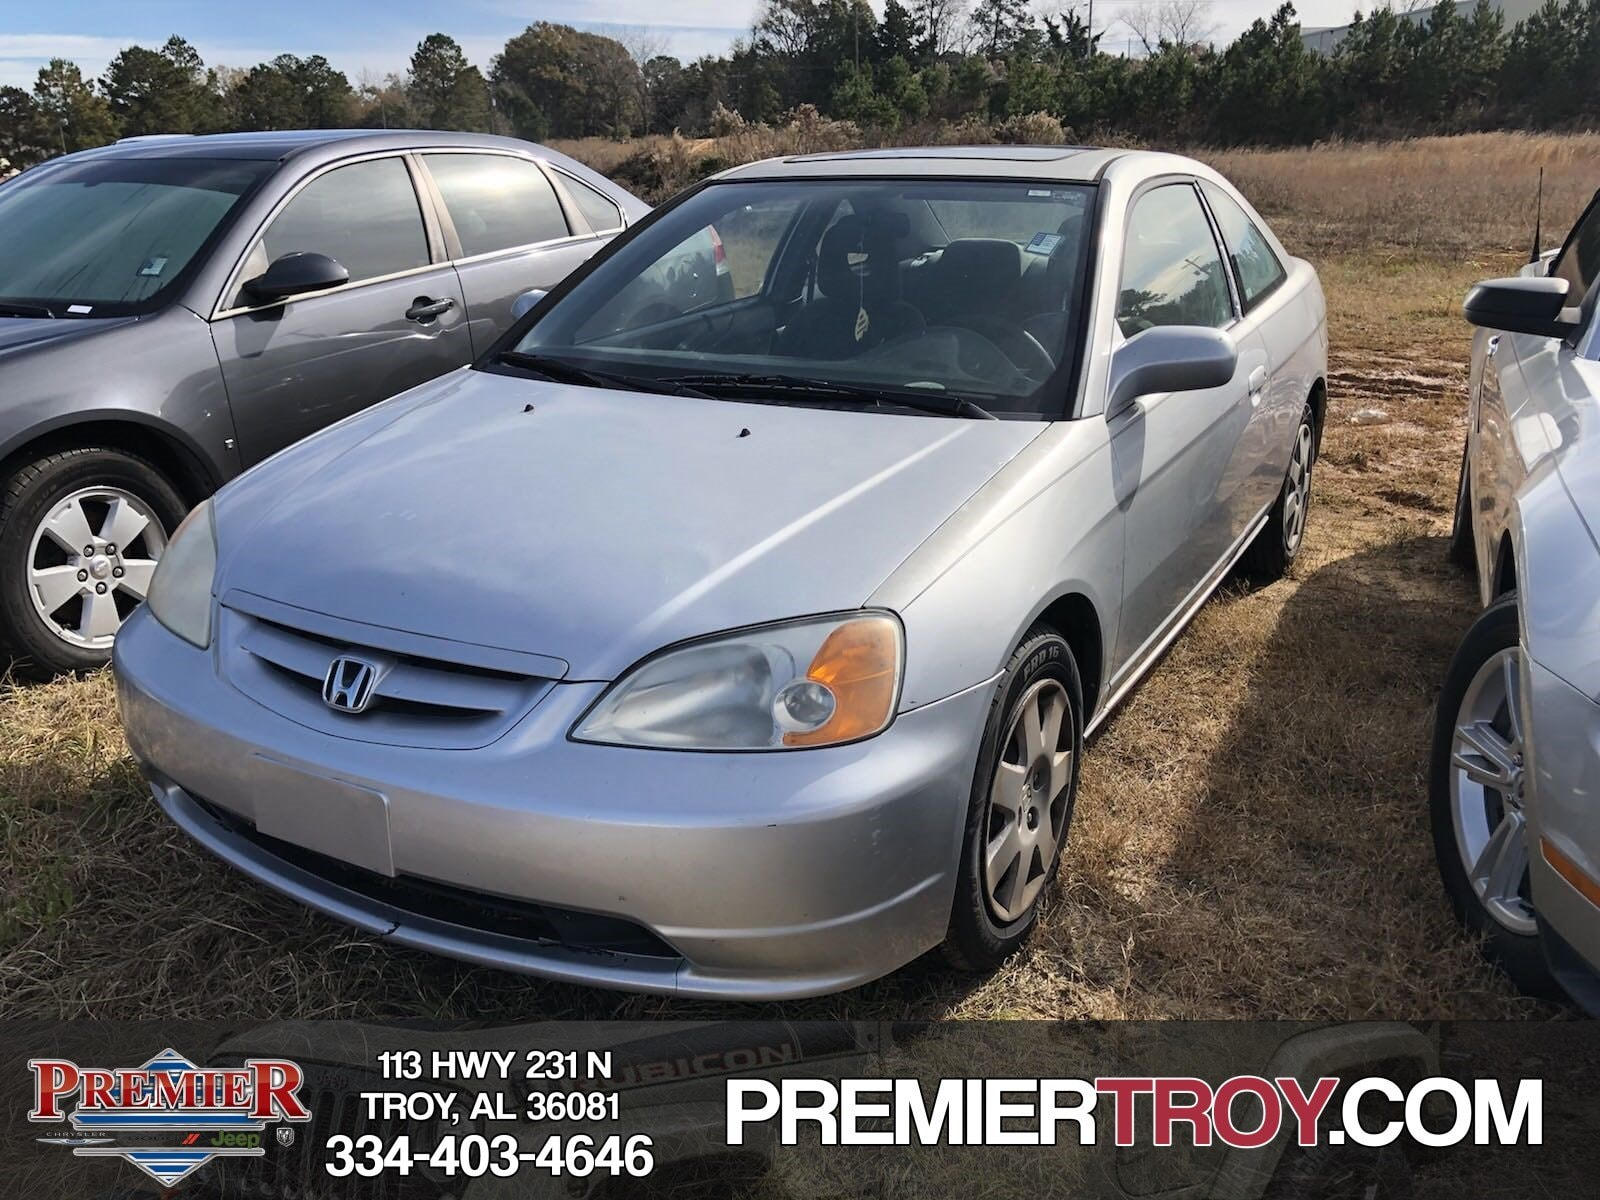 2002 Honda Civic EX Coupe